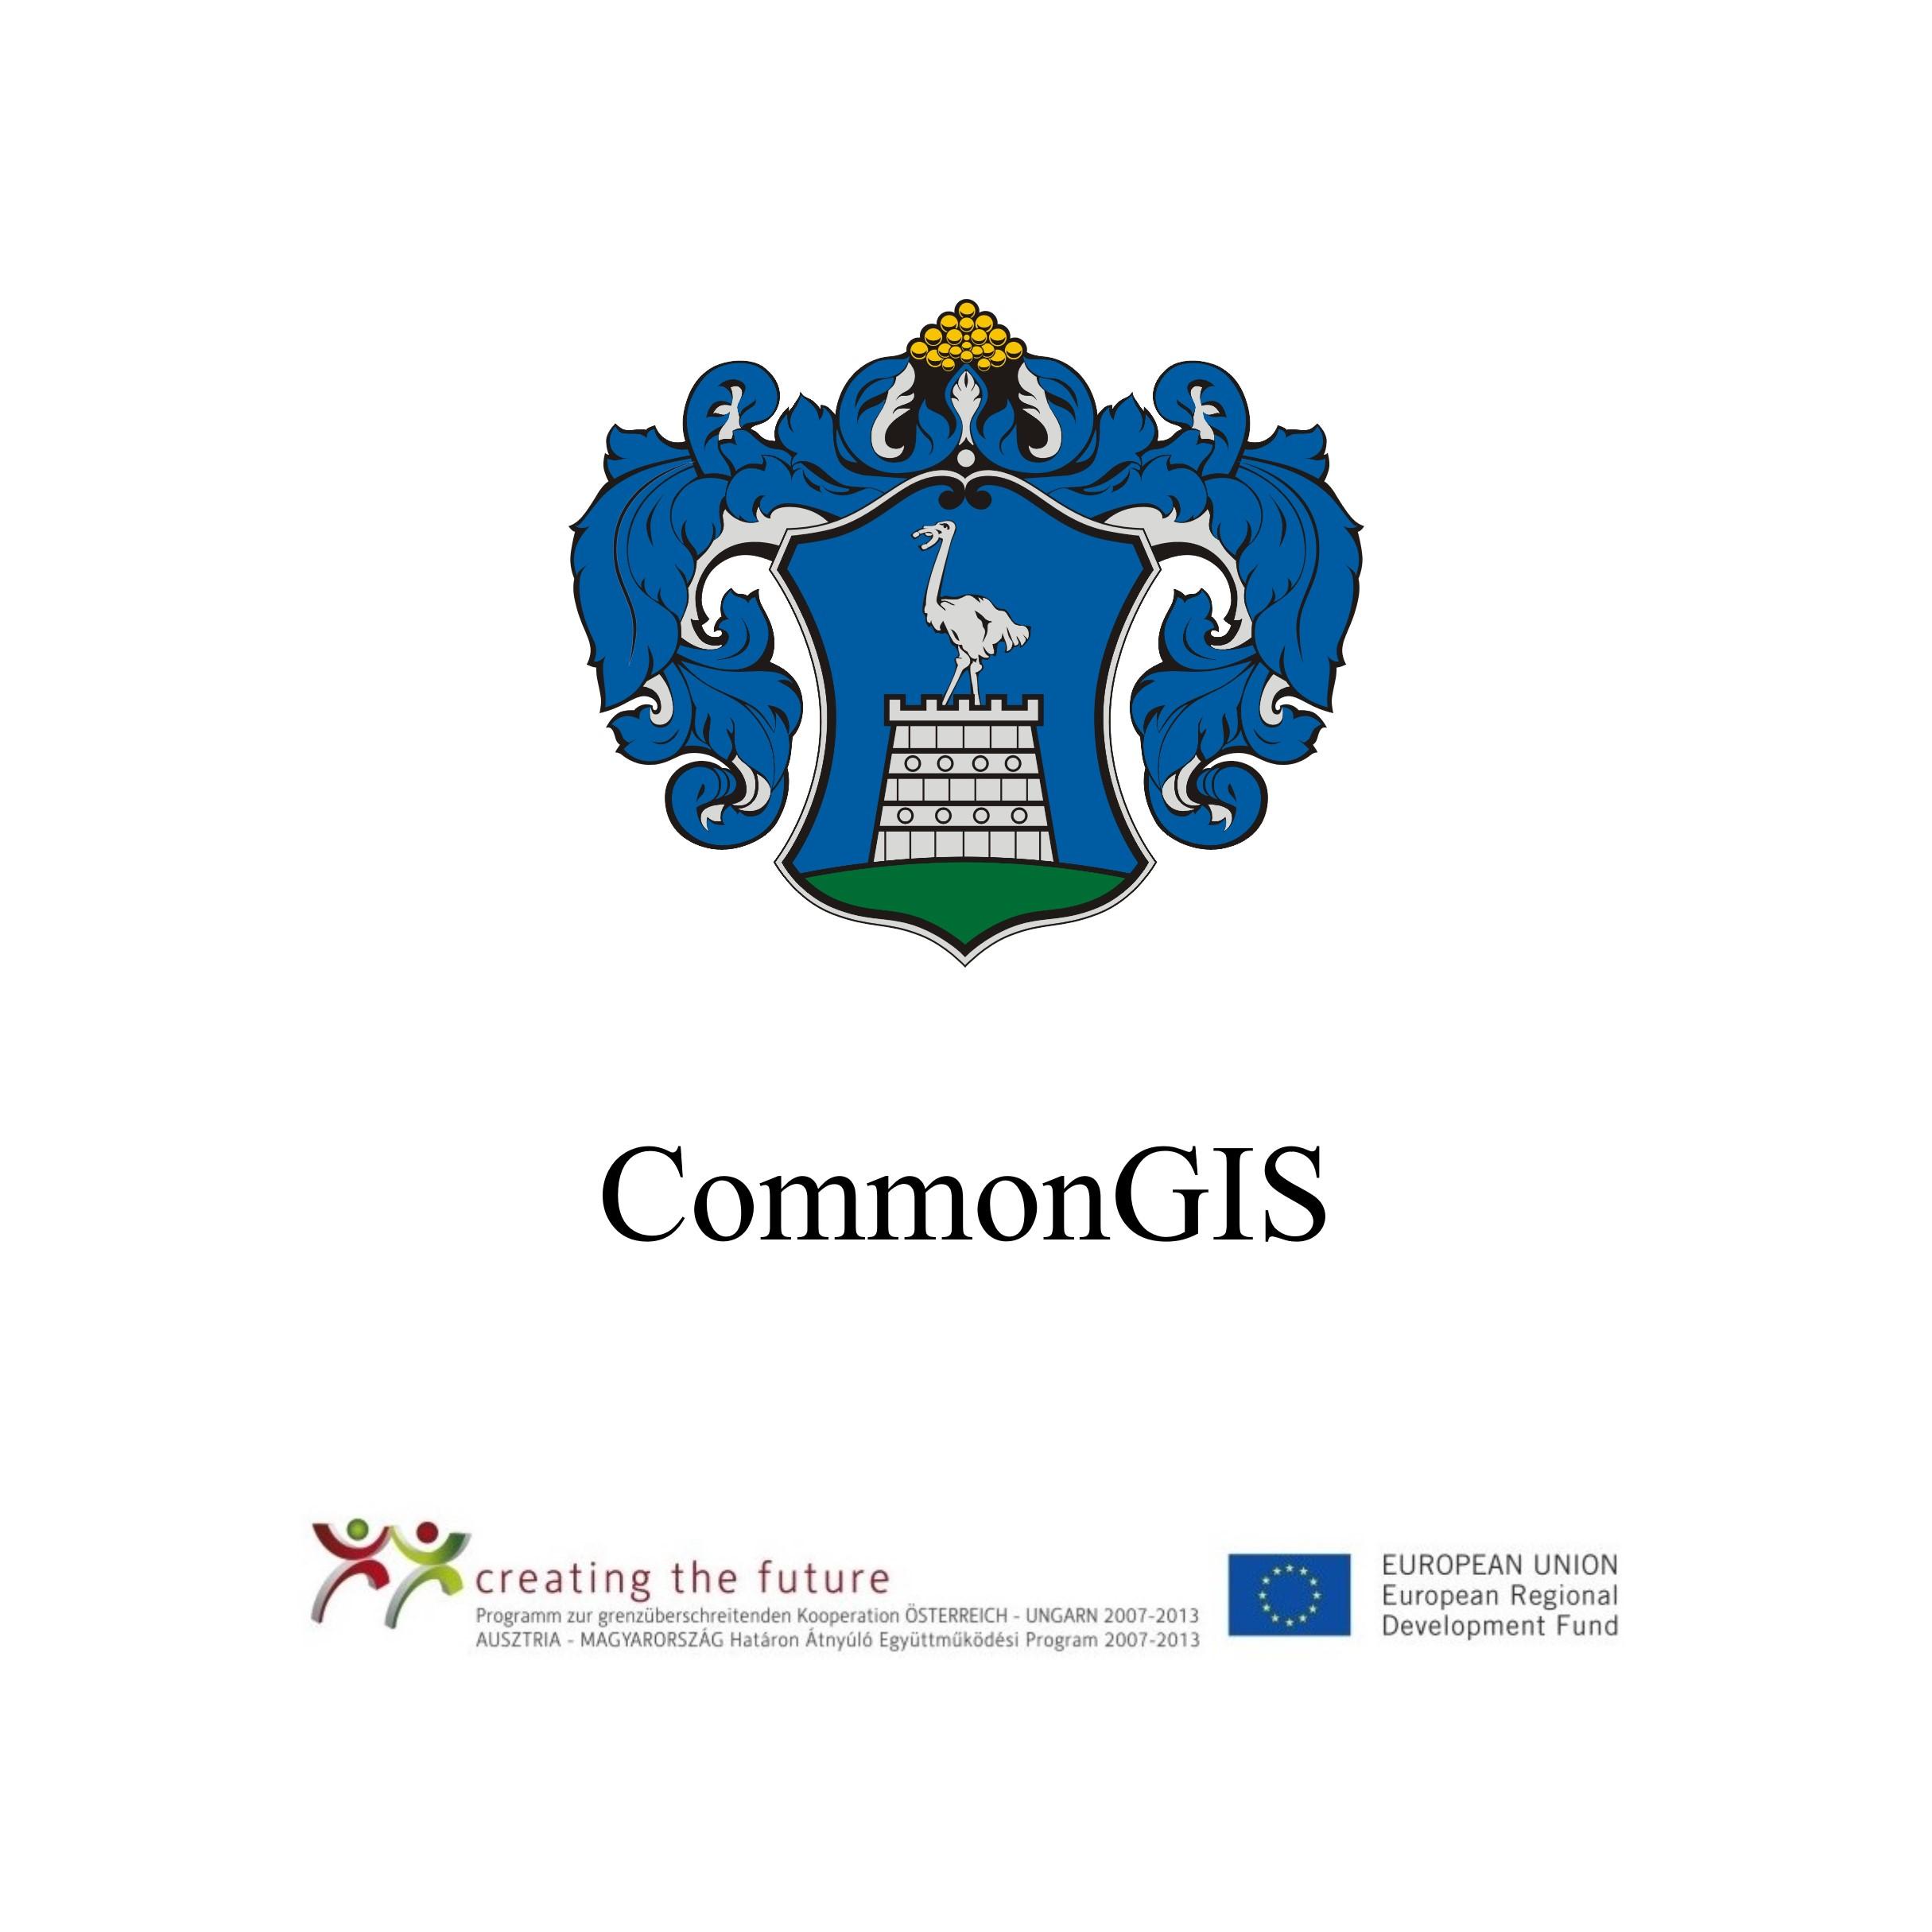 CommonGIS